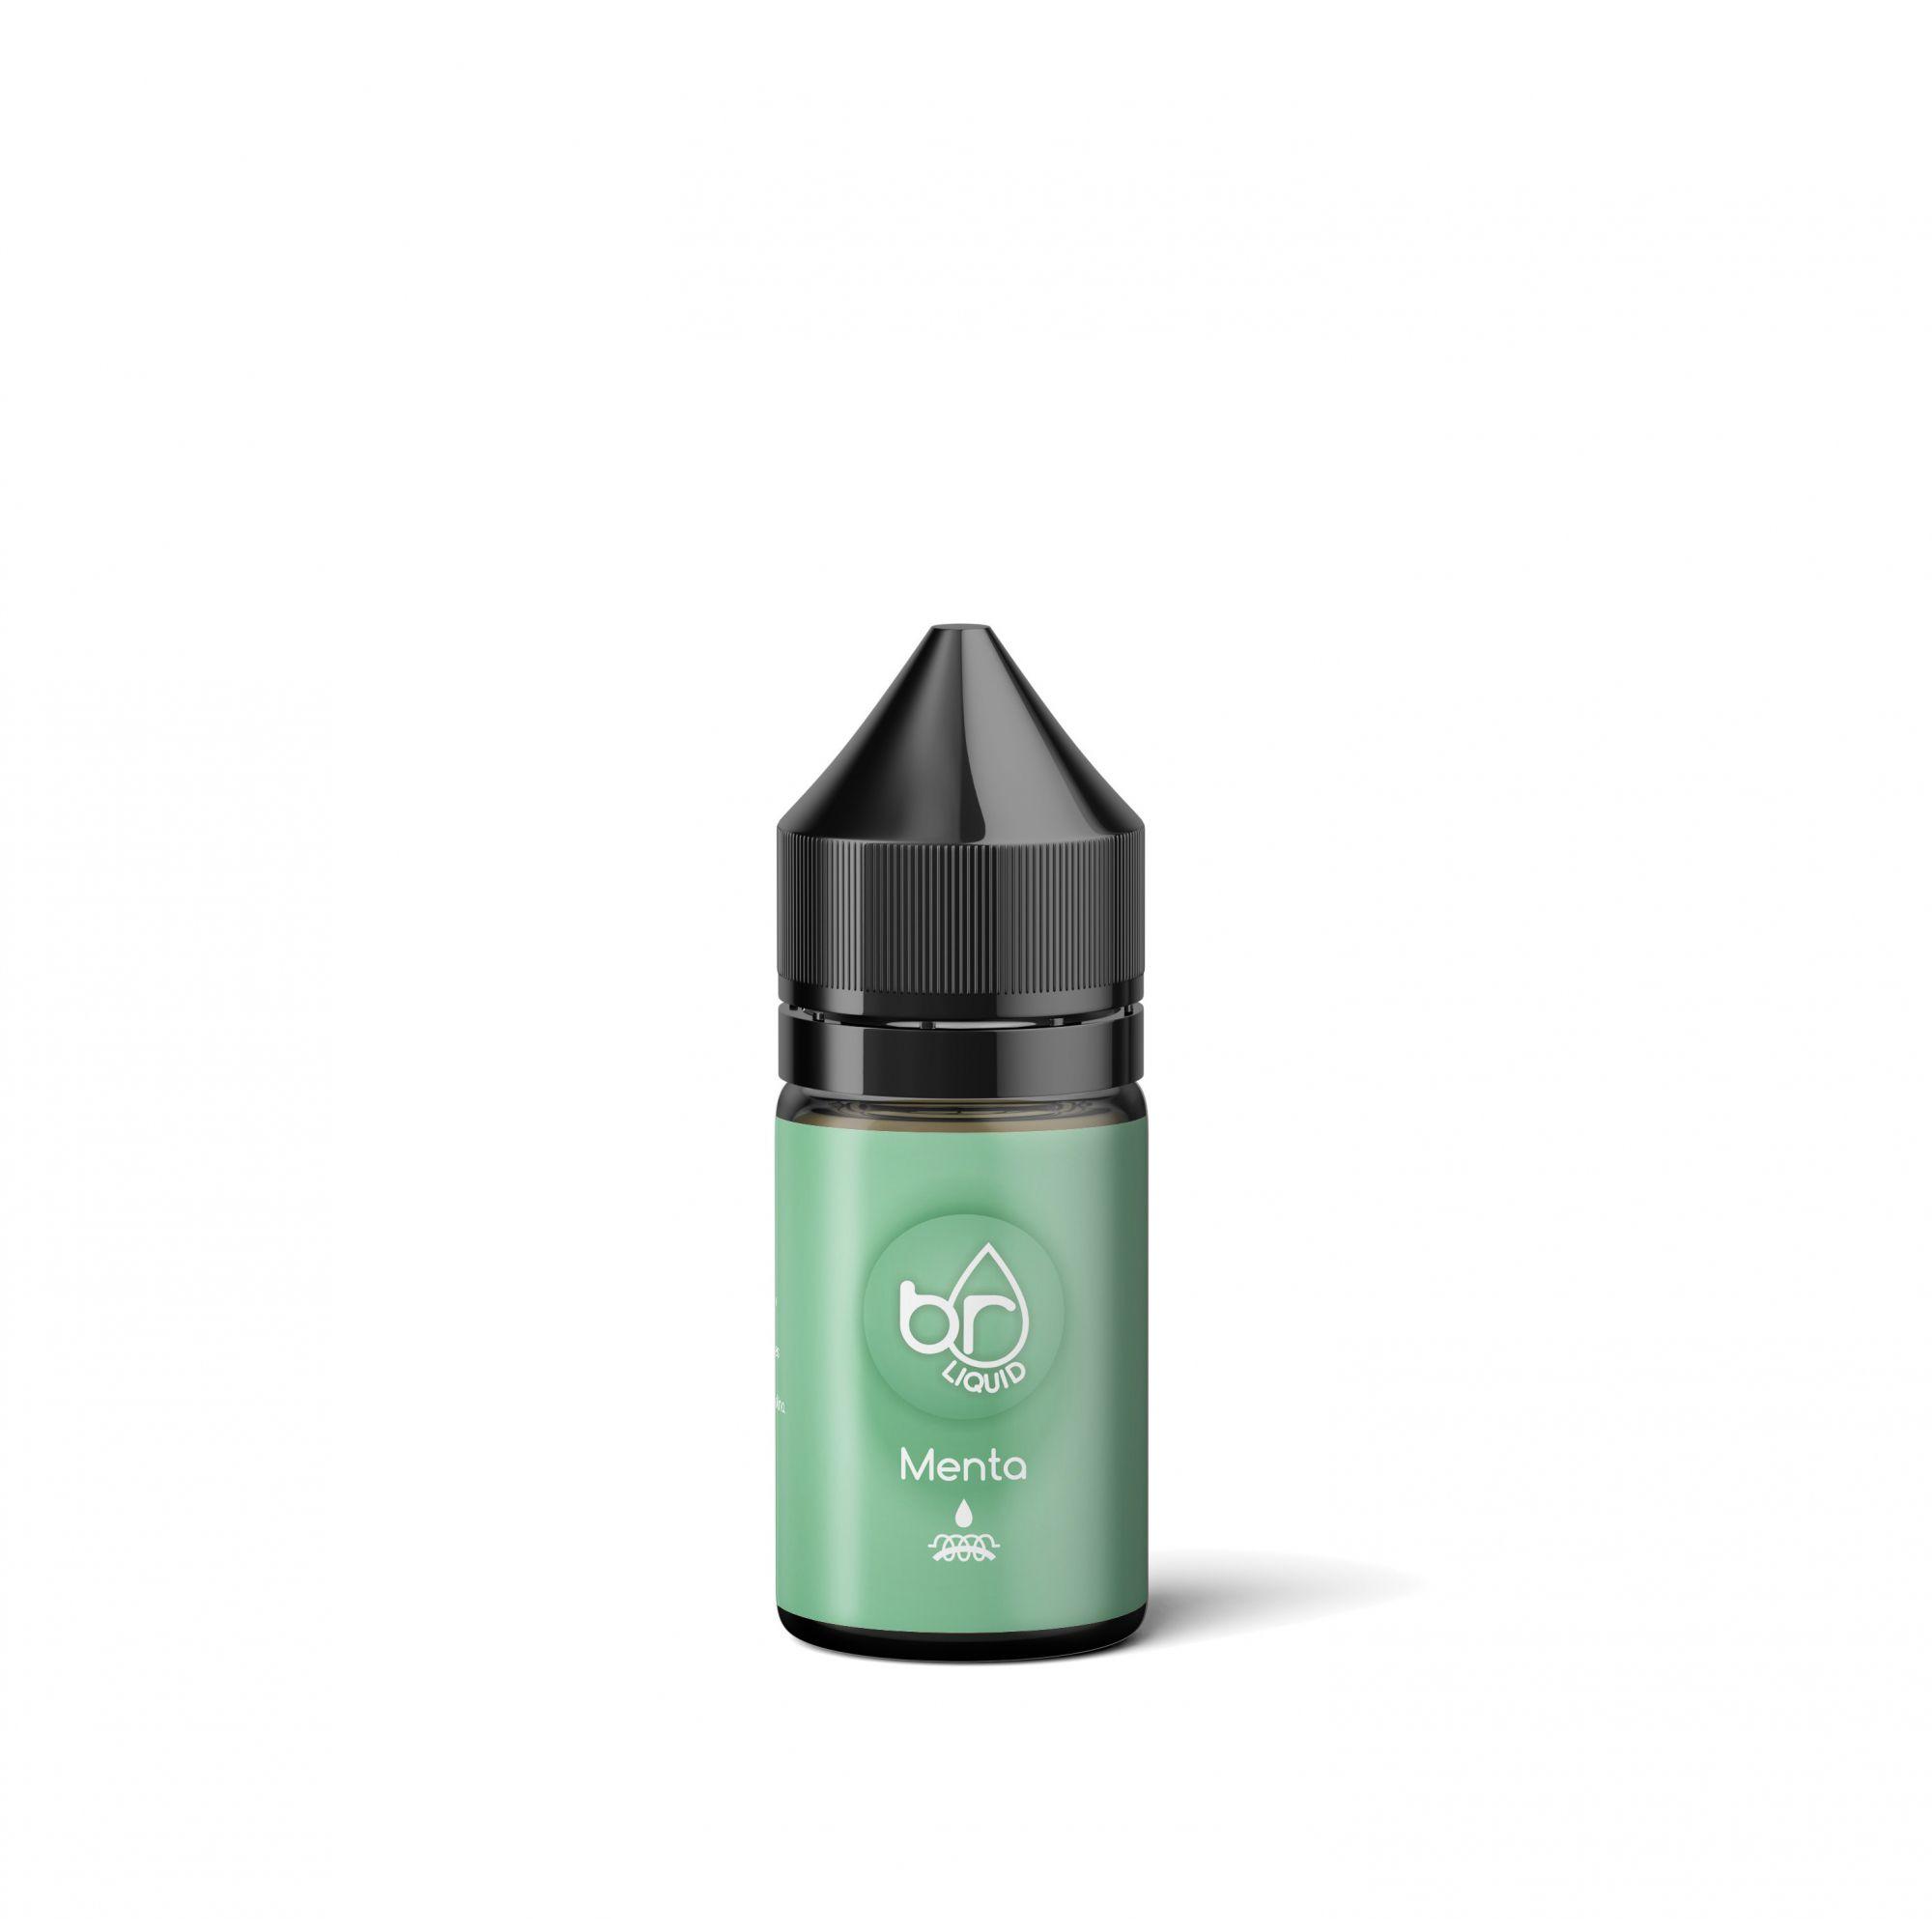 Brliquid - Menta 30 ml